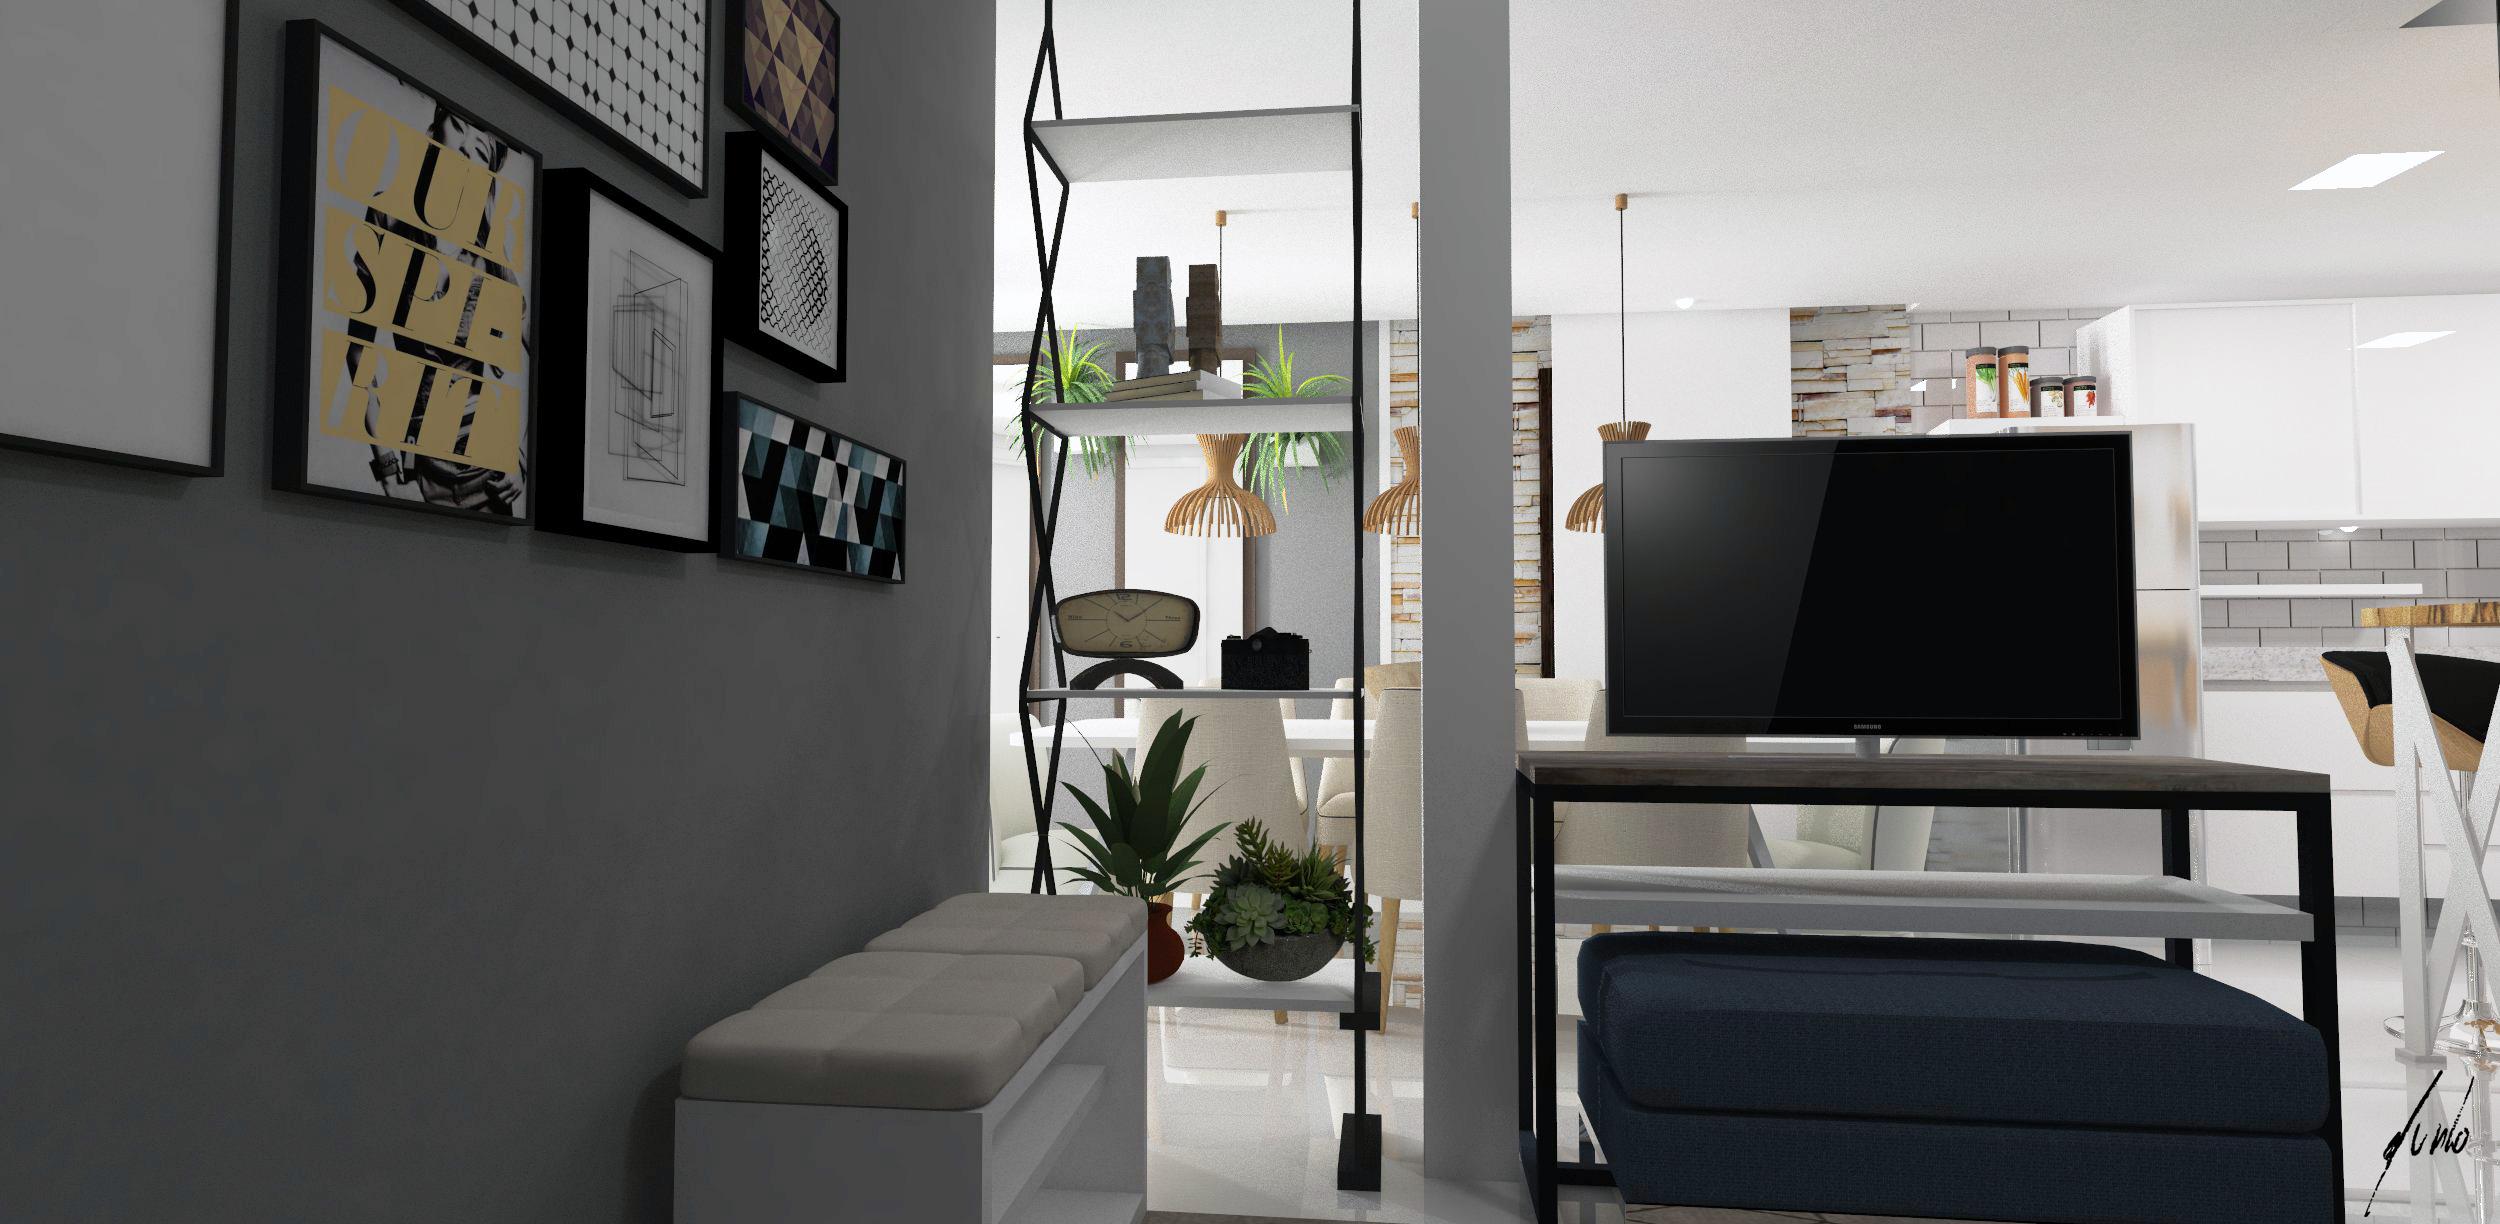 Salas bruner est dio murilo zadulski interiores design - Estudio de interiores ...